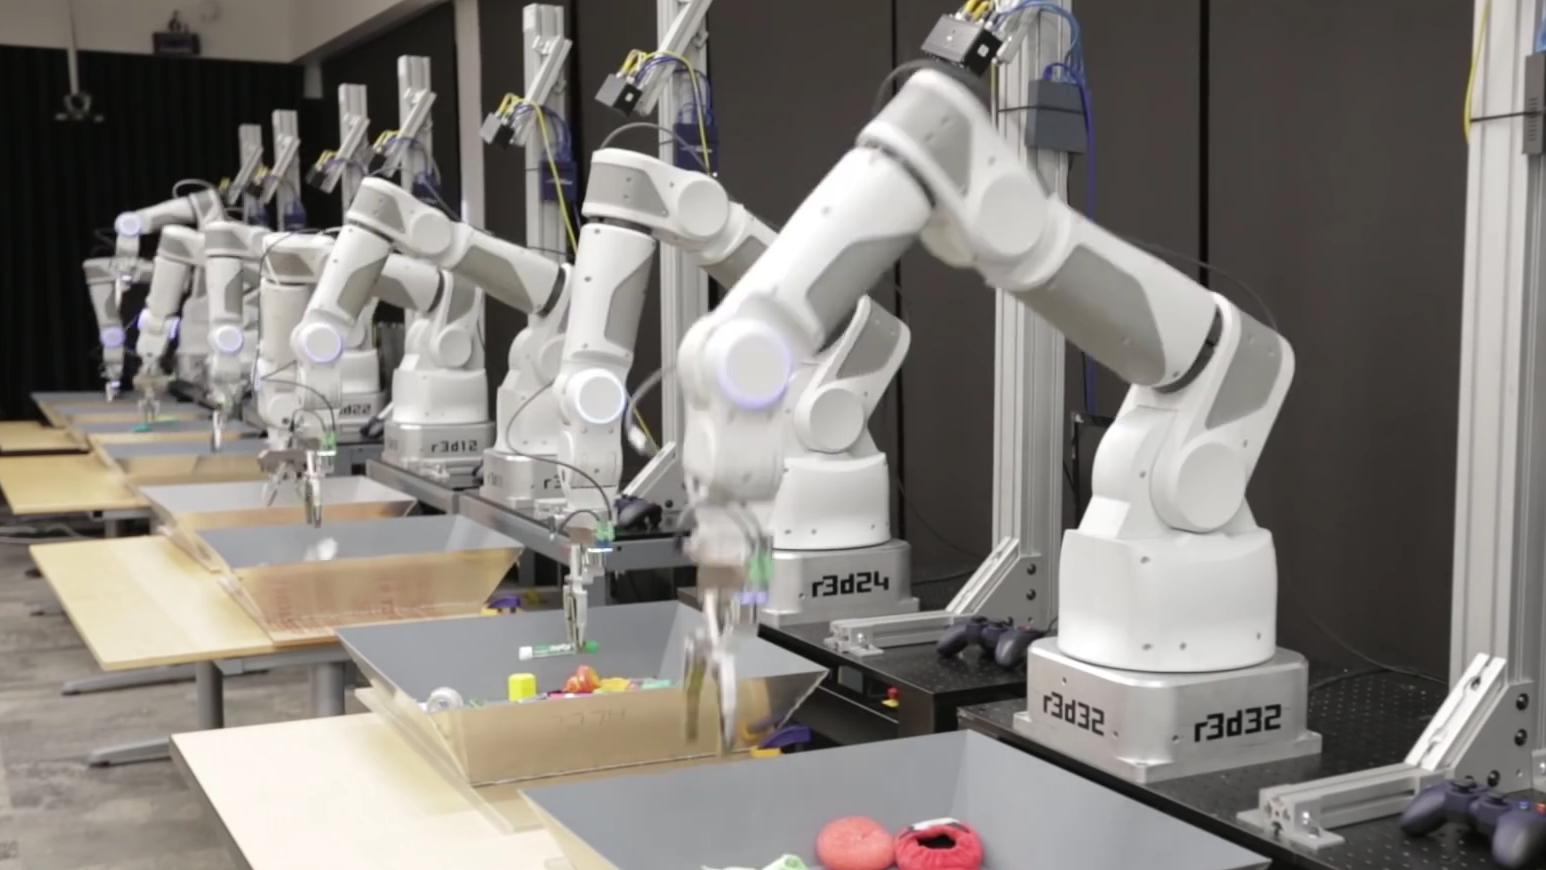 Det tok disse robotene 3000 timer og 800 000 forsøk på å kunne gripe objekter som et menneske